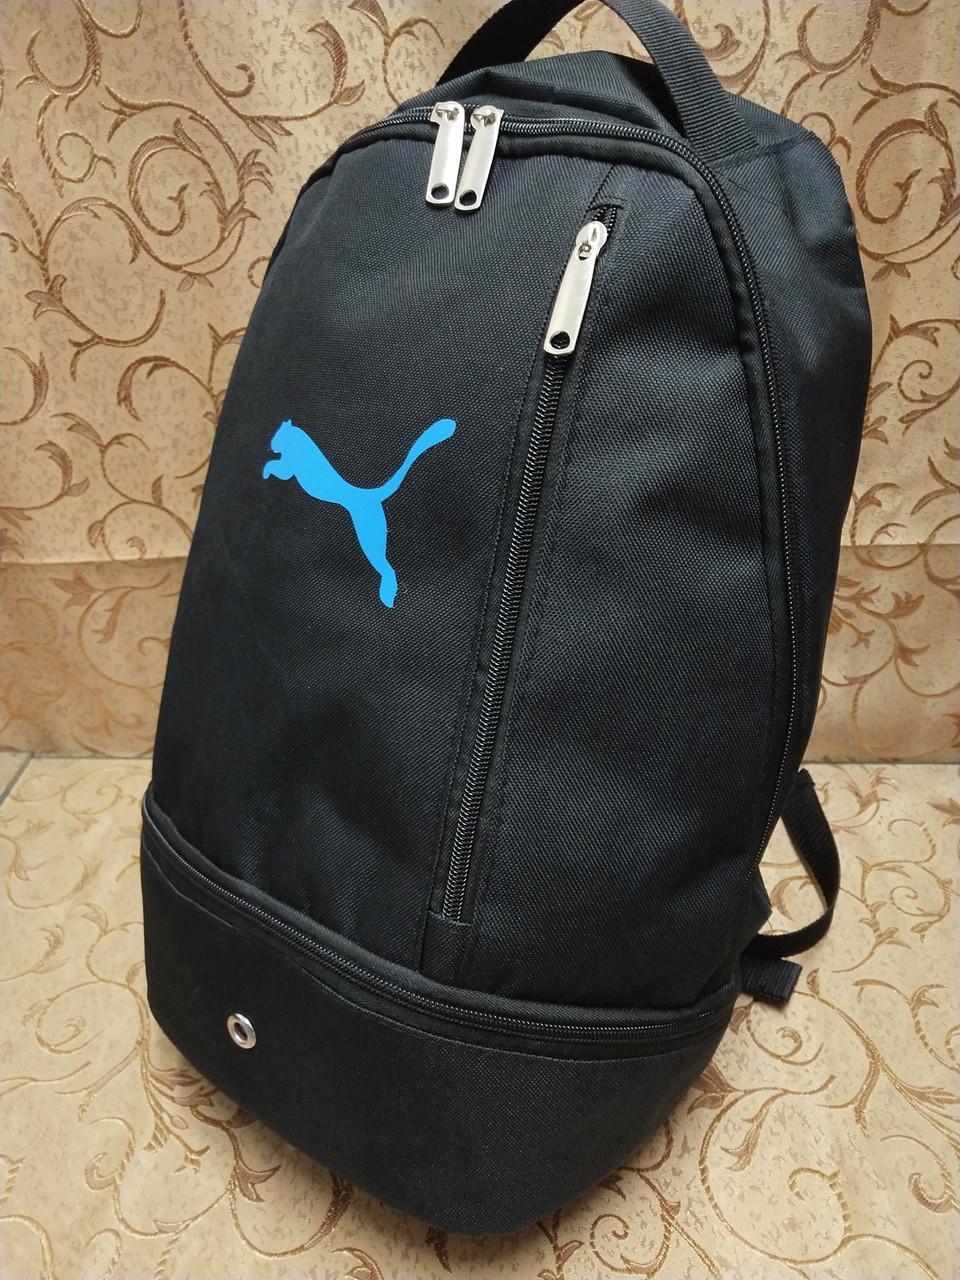 Рюкзак PUMA отверстием для наушников Оксфорд ткань Новый стиль/Рюкзак спорт городской спортивны стильный толь